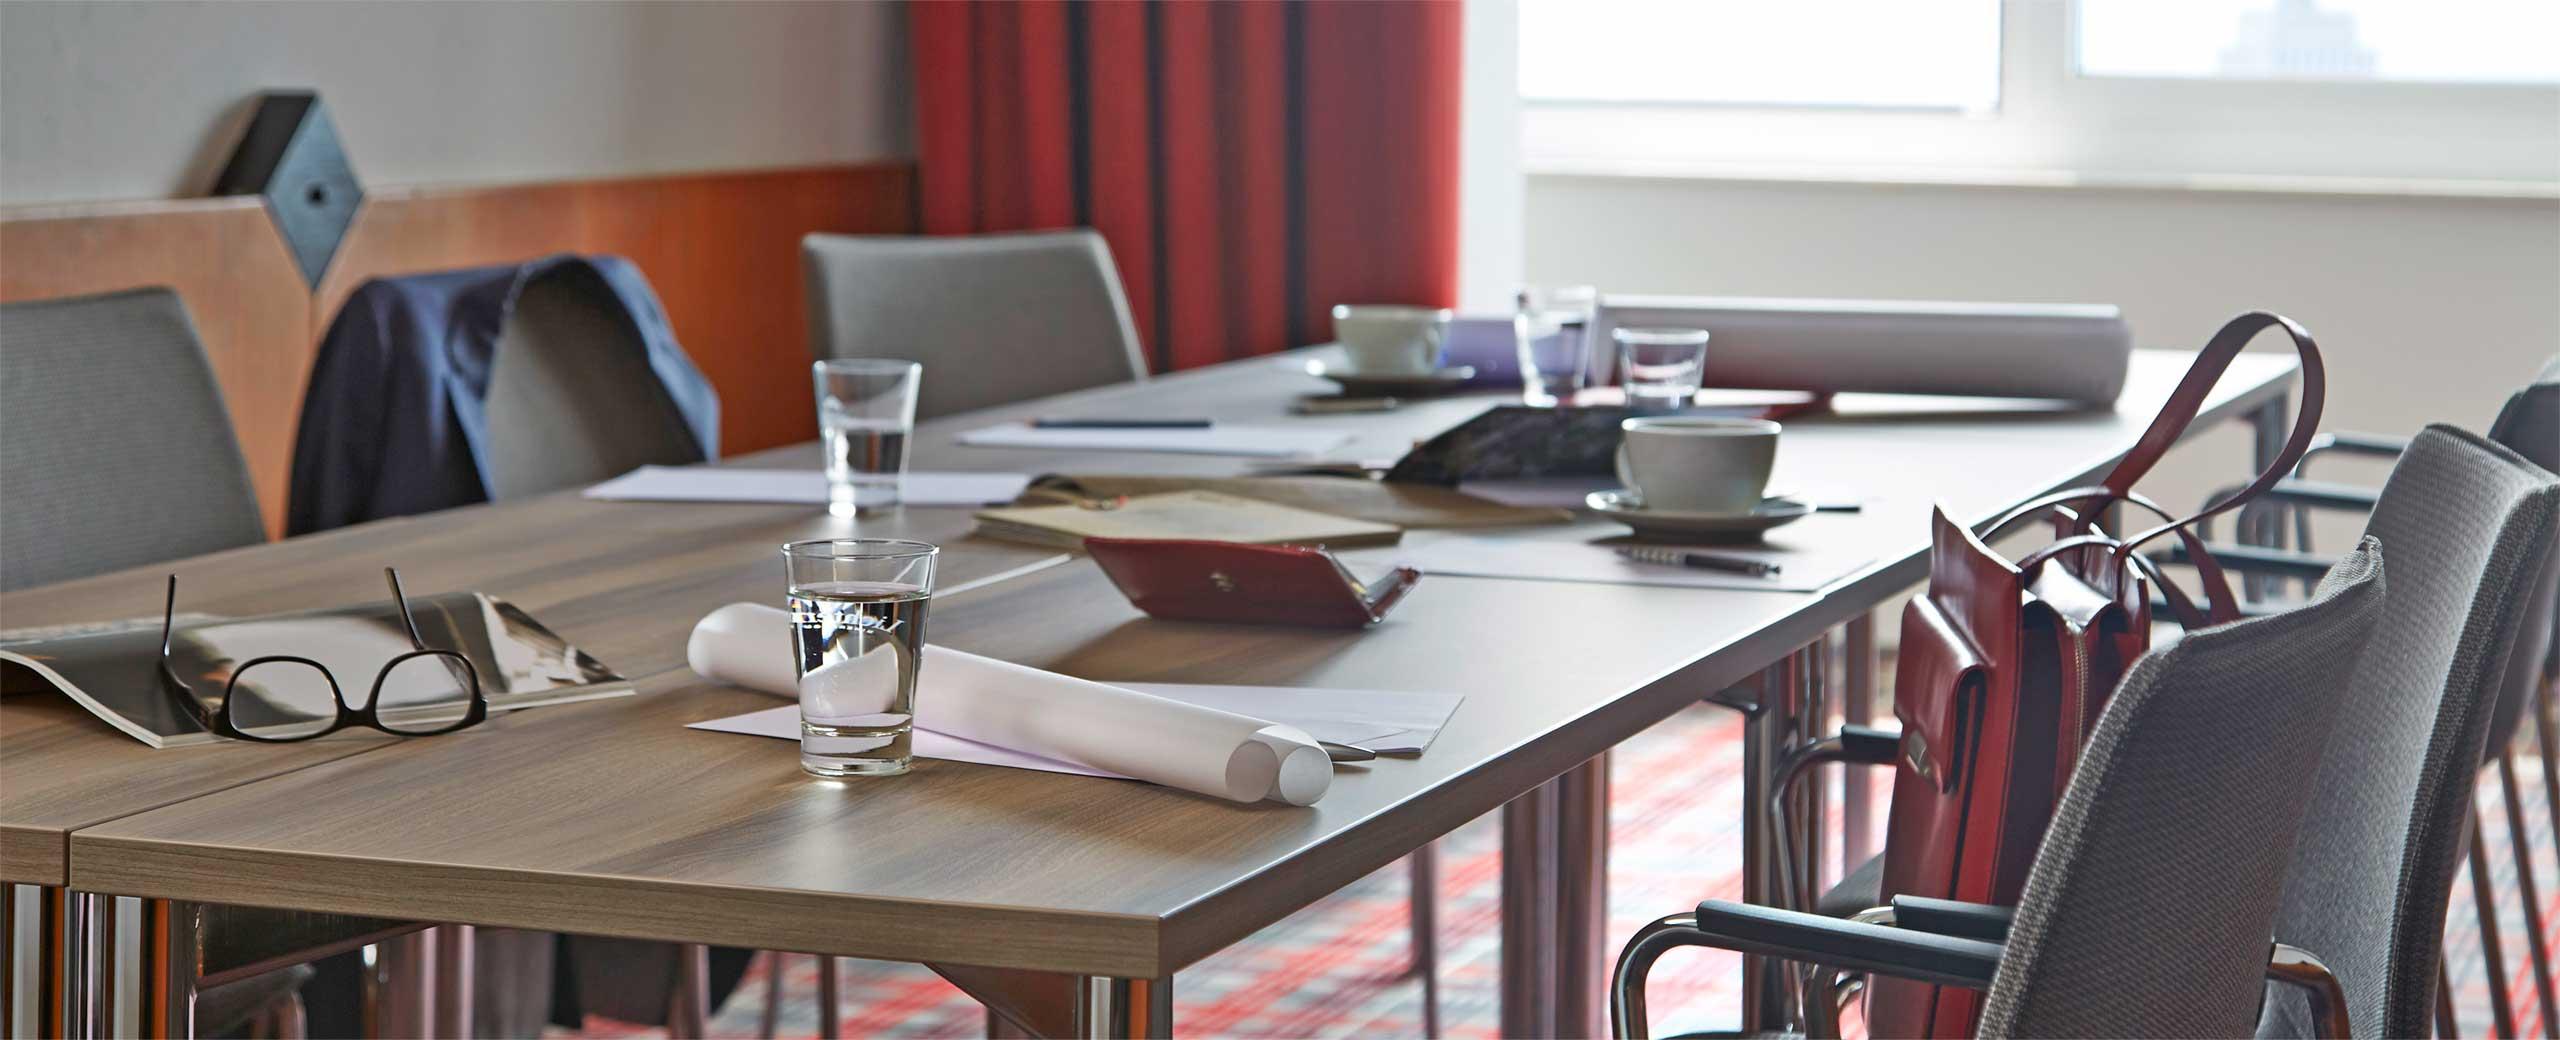 Ausstattung der Tagungs- und Konferenzräume